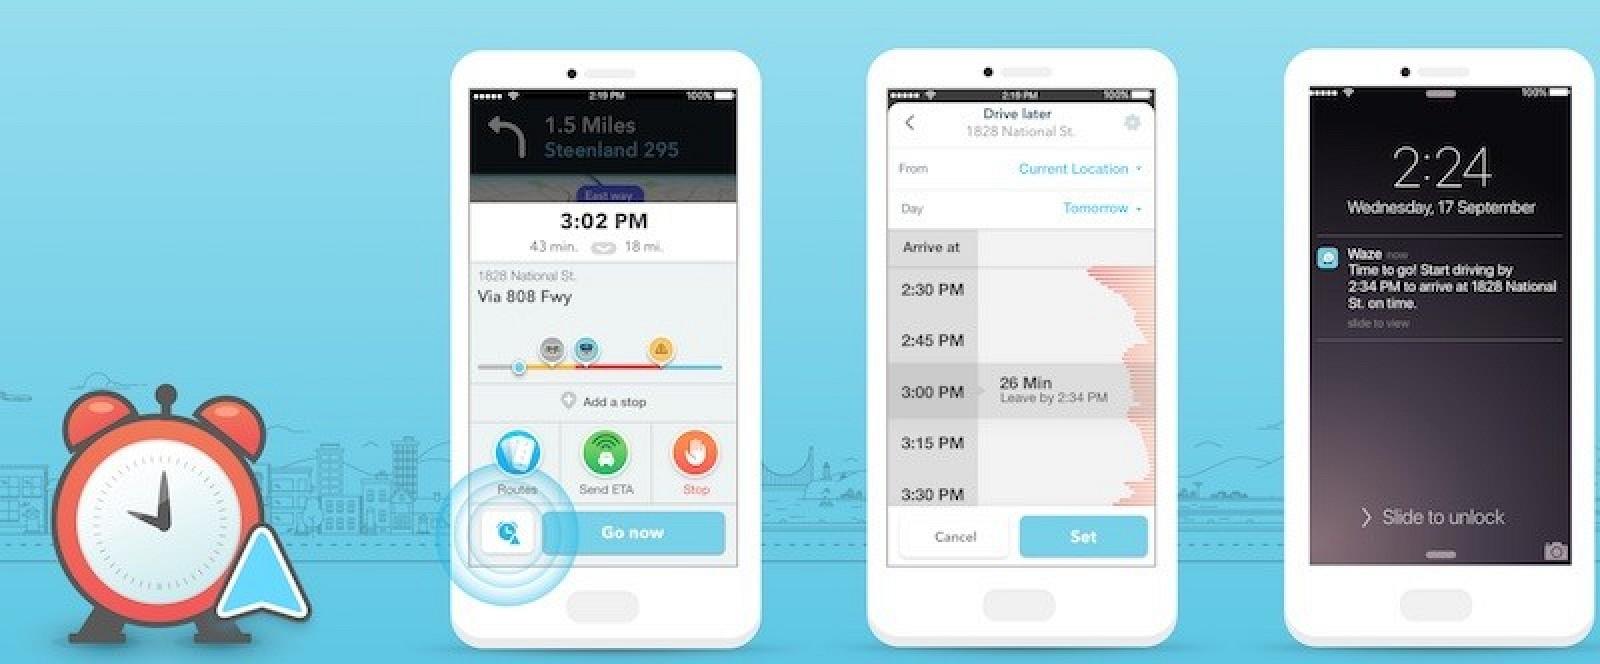 Waze-planned-drives-feature-800x332.jpg